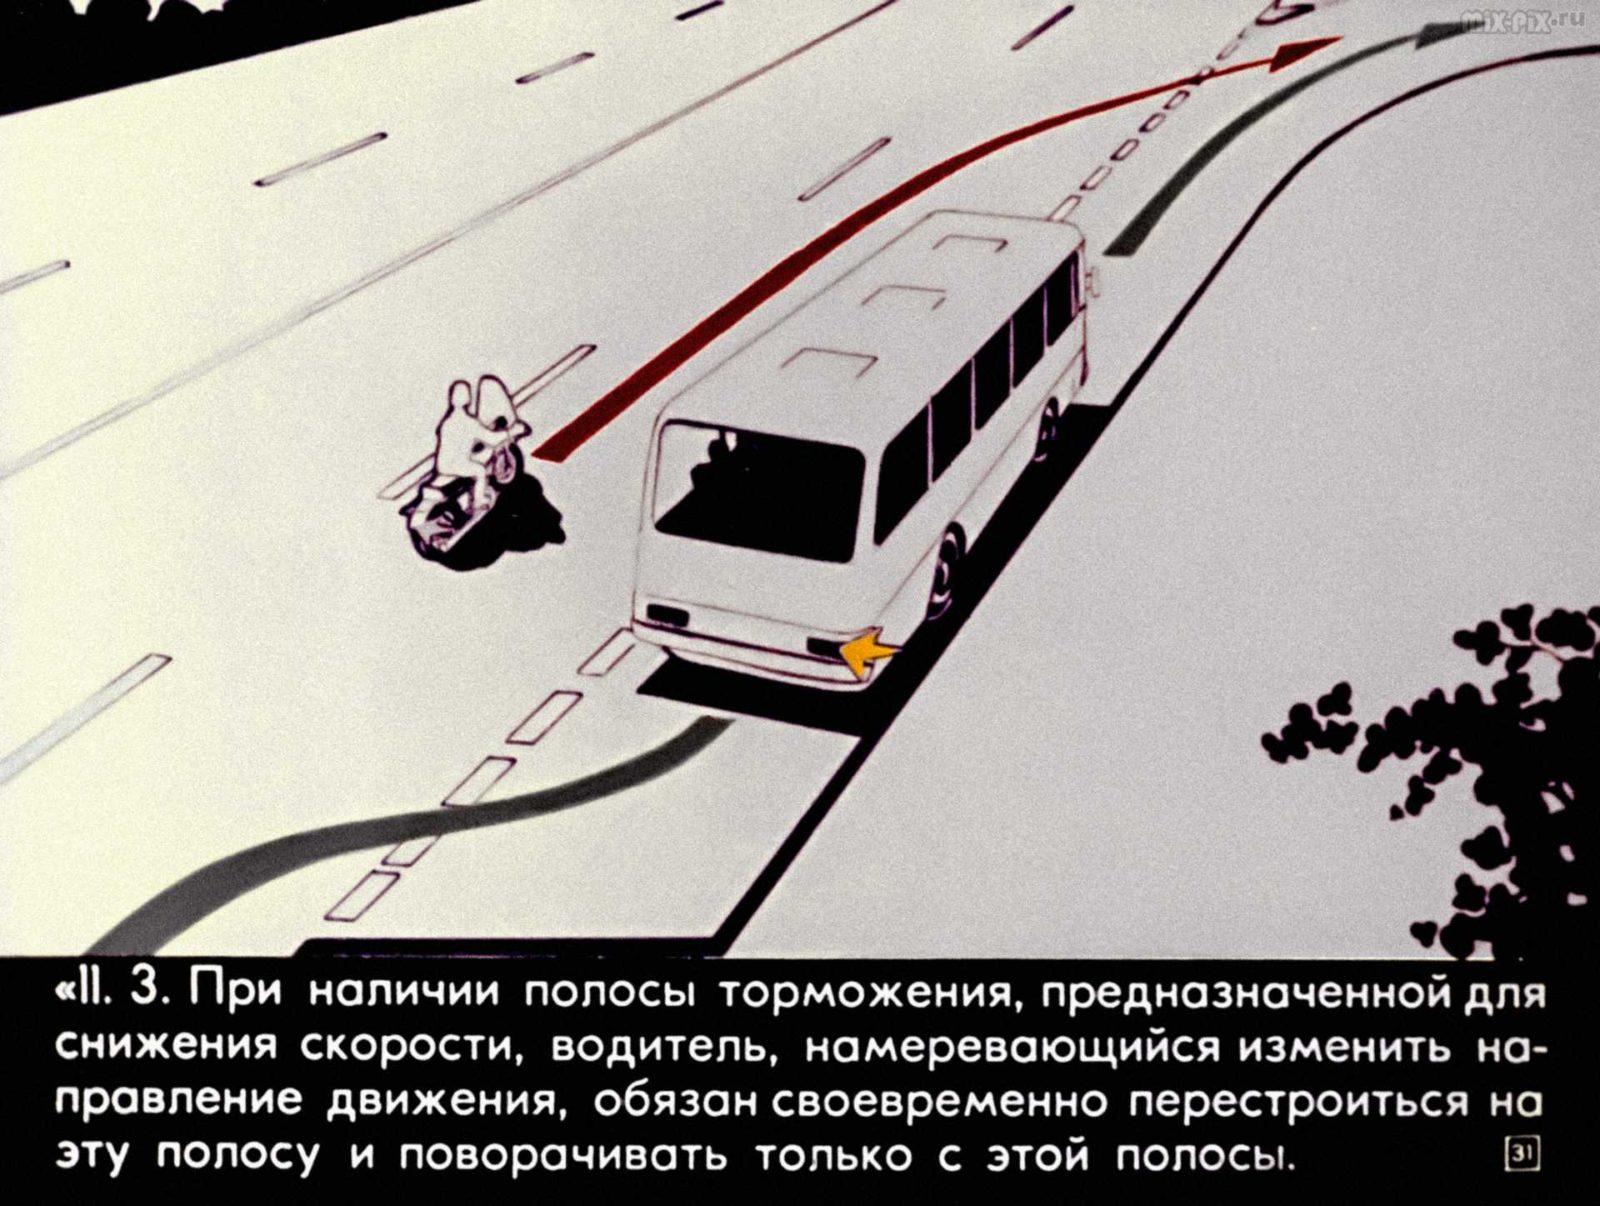 Правила дорожного движения. Расположение транспортных средств на проезжей части. Начало движения. Маневрирование (1983) 46